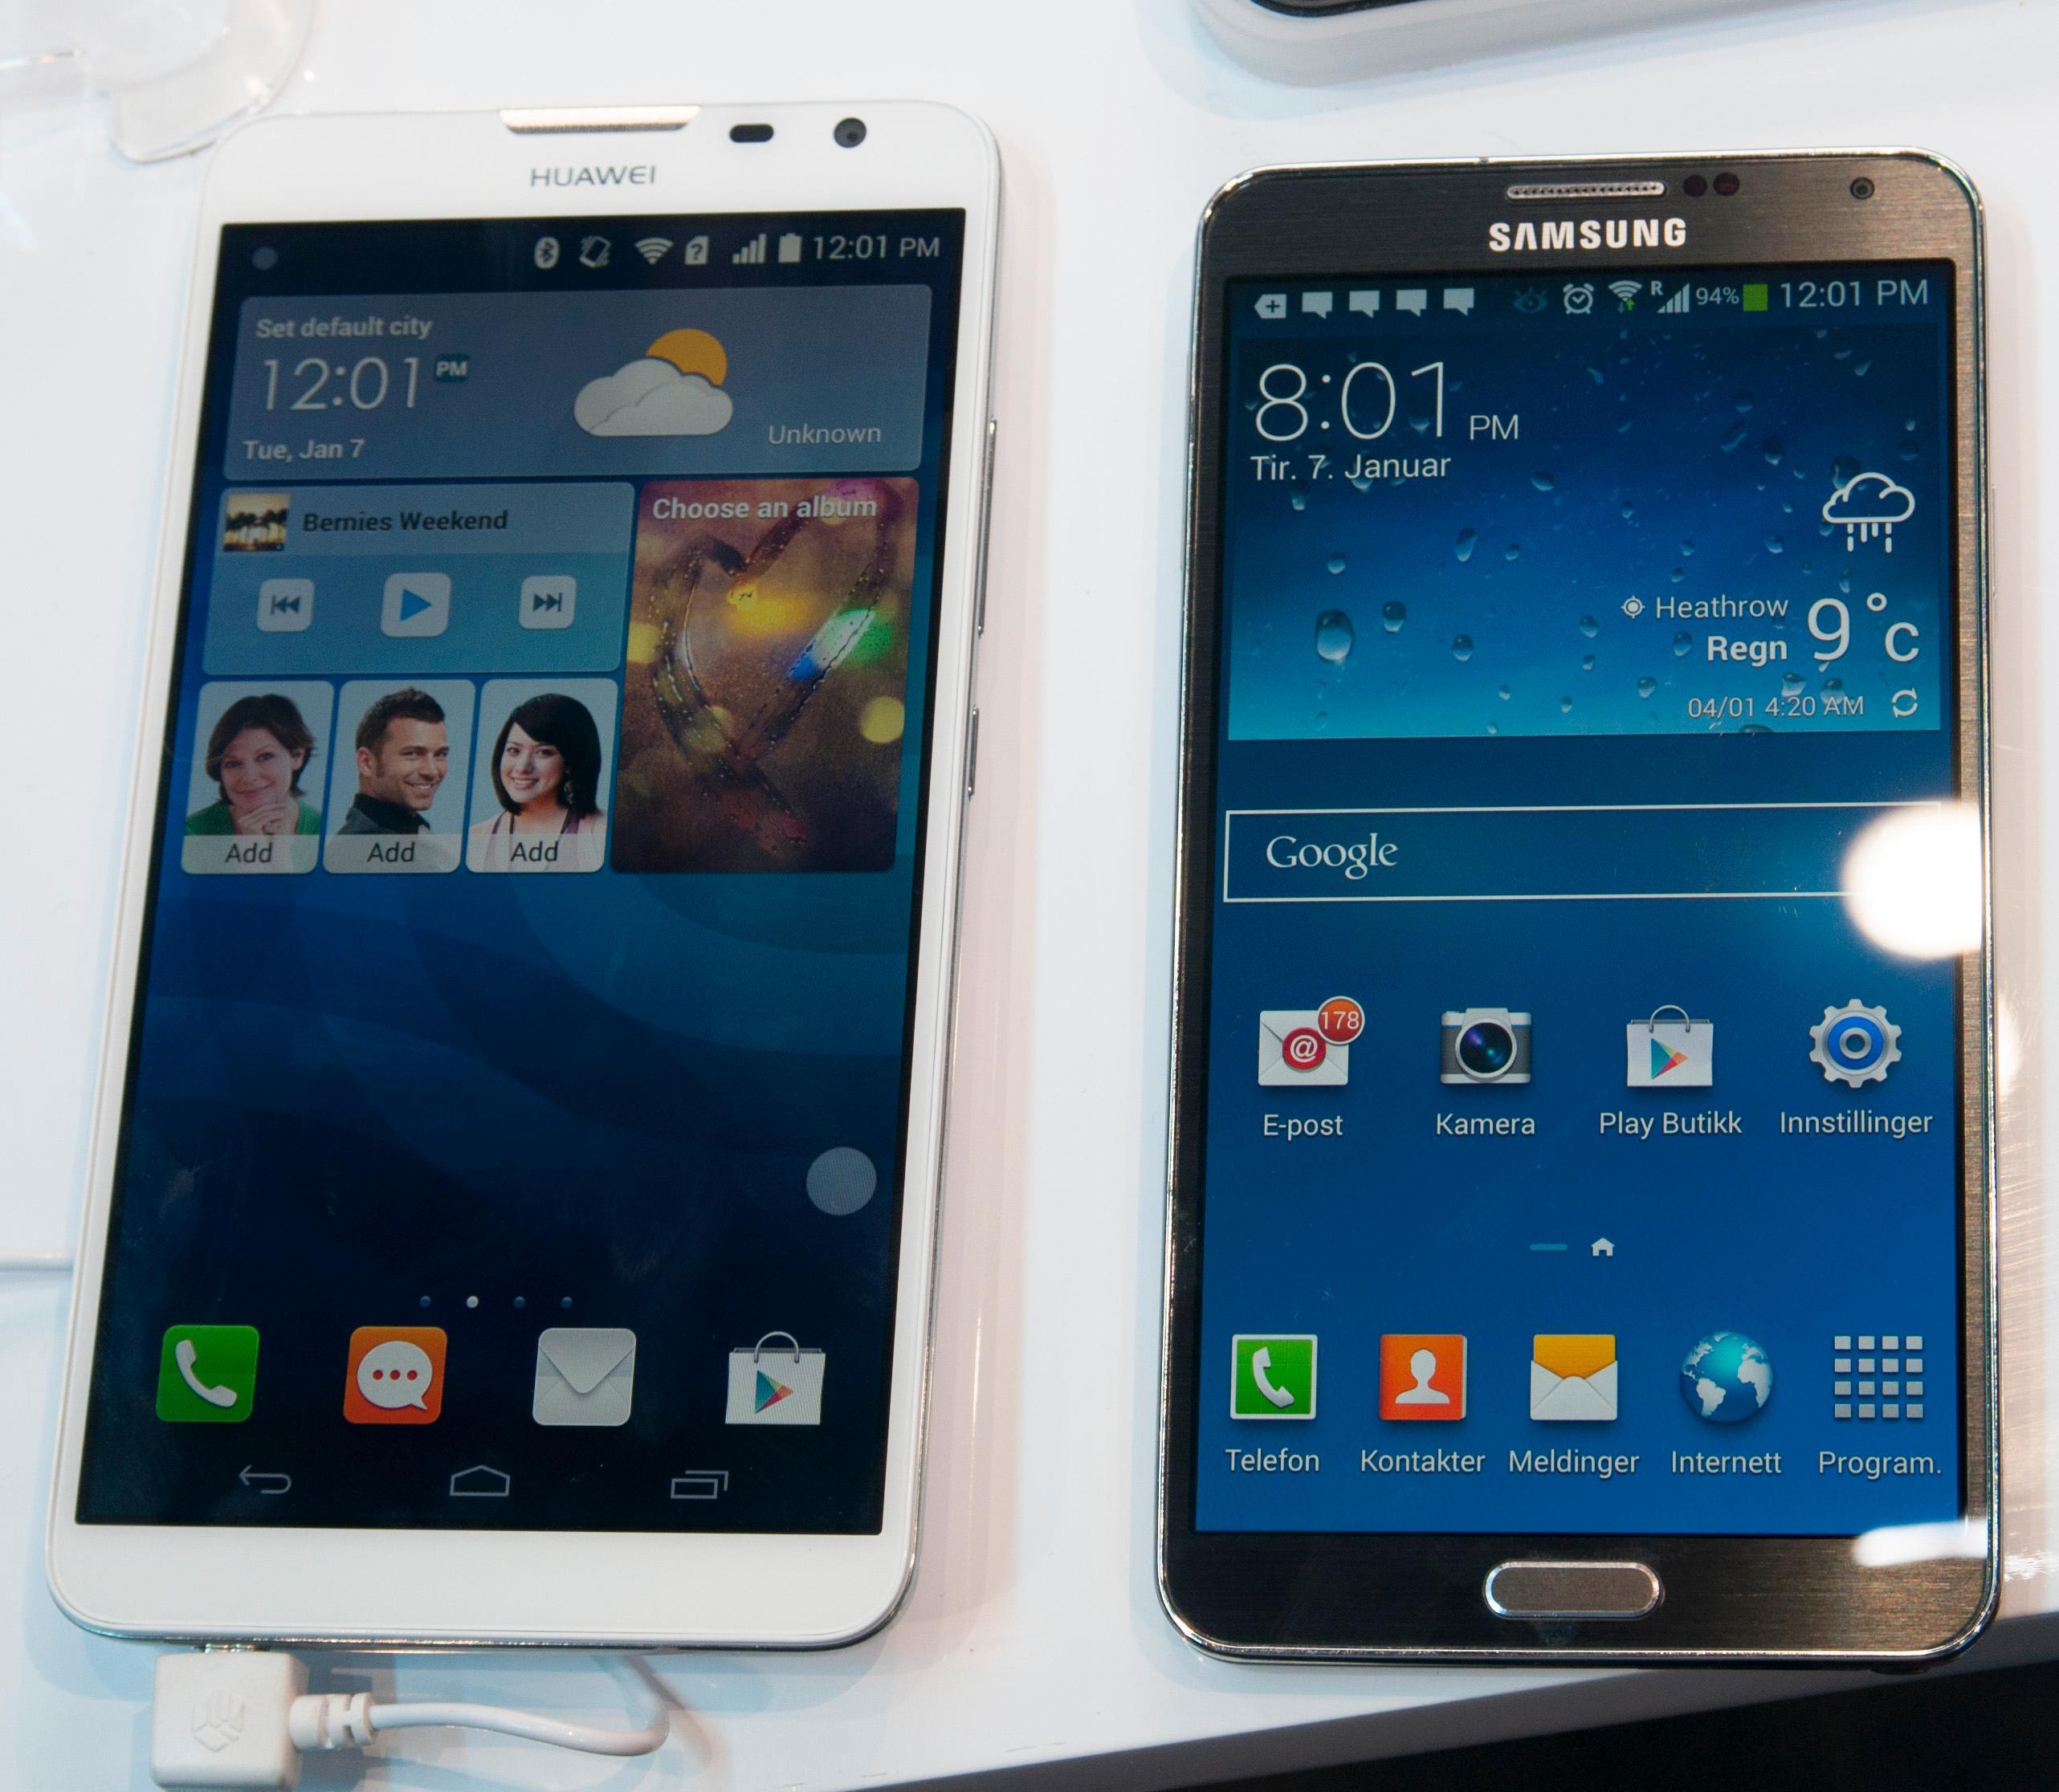 Ascend Mate 2 til venstre, Samsung Galaxy Note 3 til høyre.Foto: Finn Jarle Kvalheim, Amobil.no